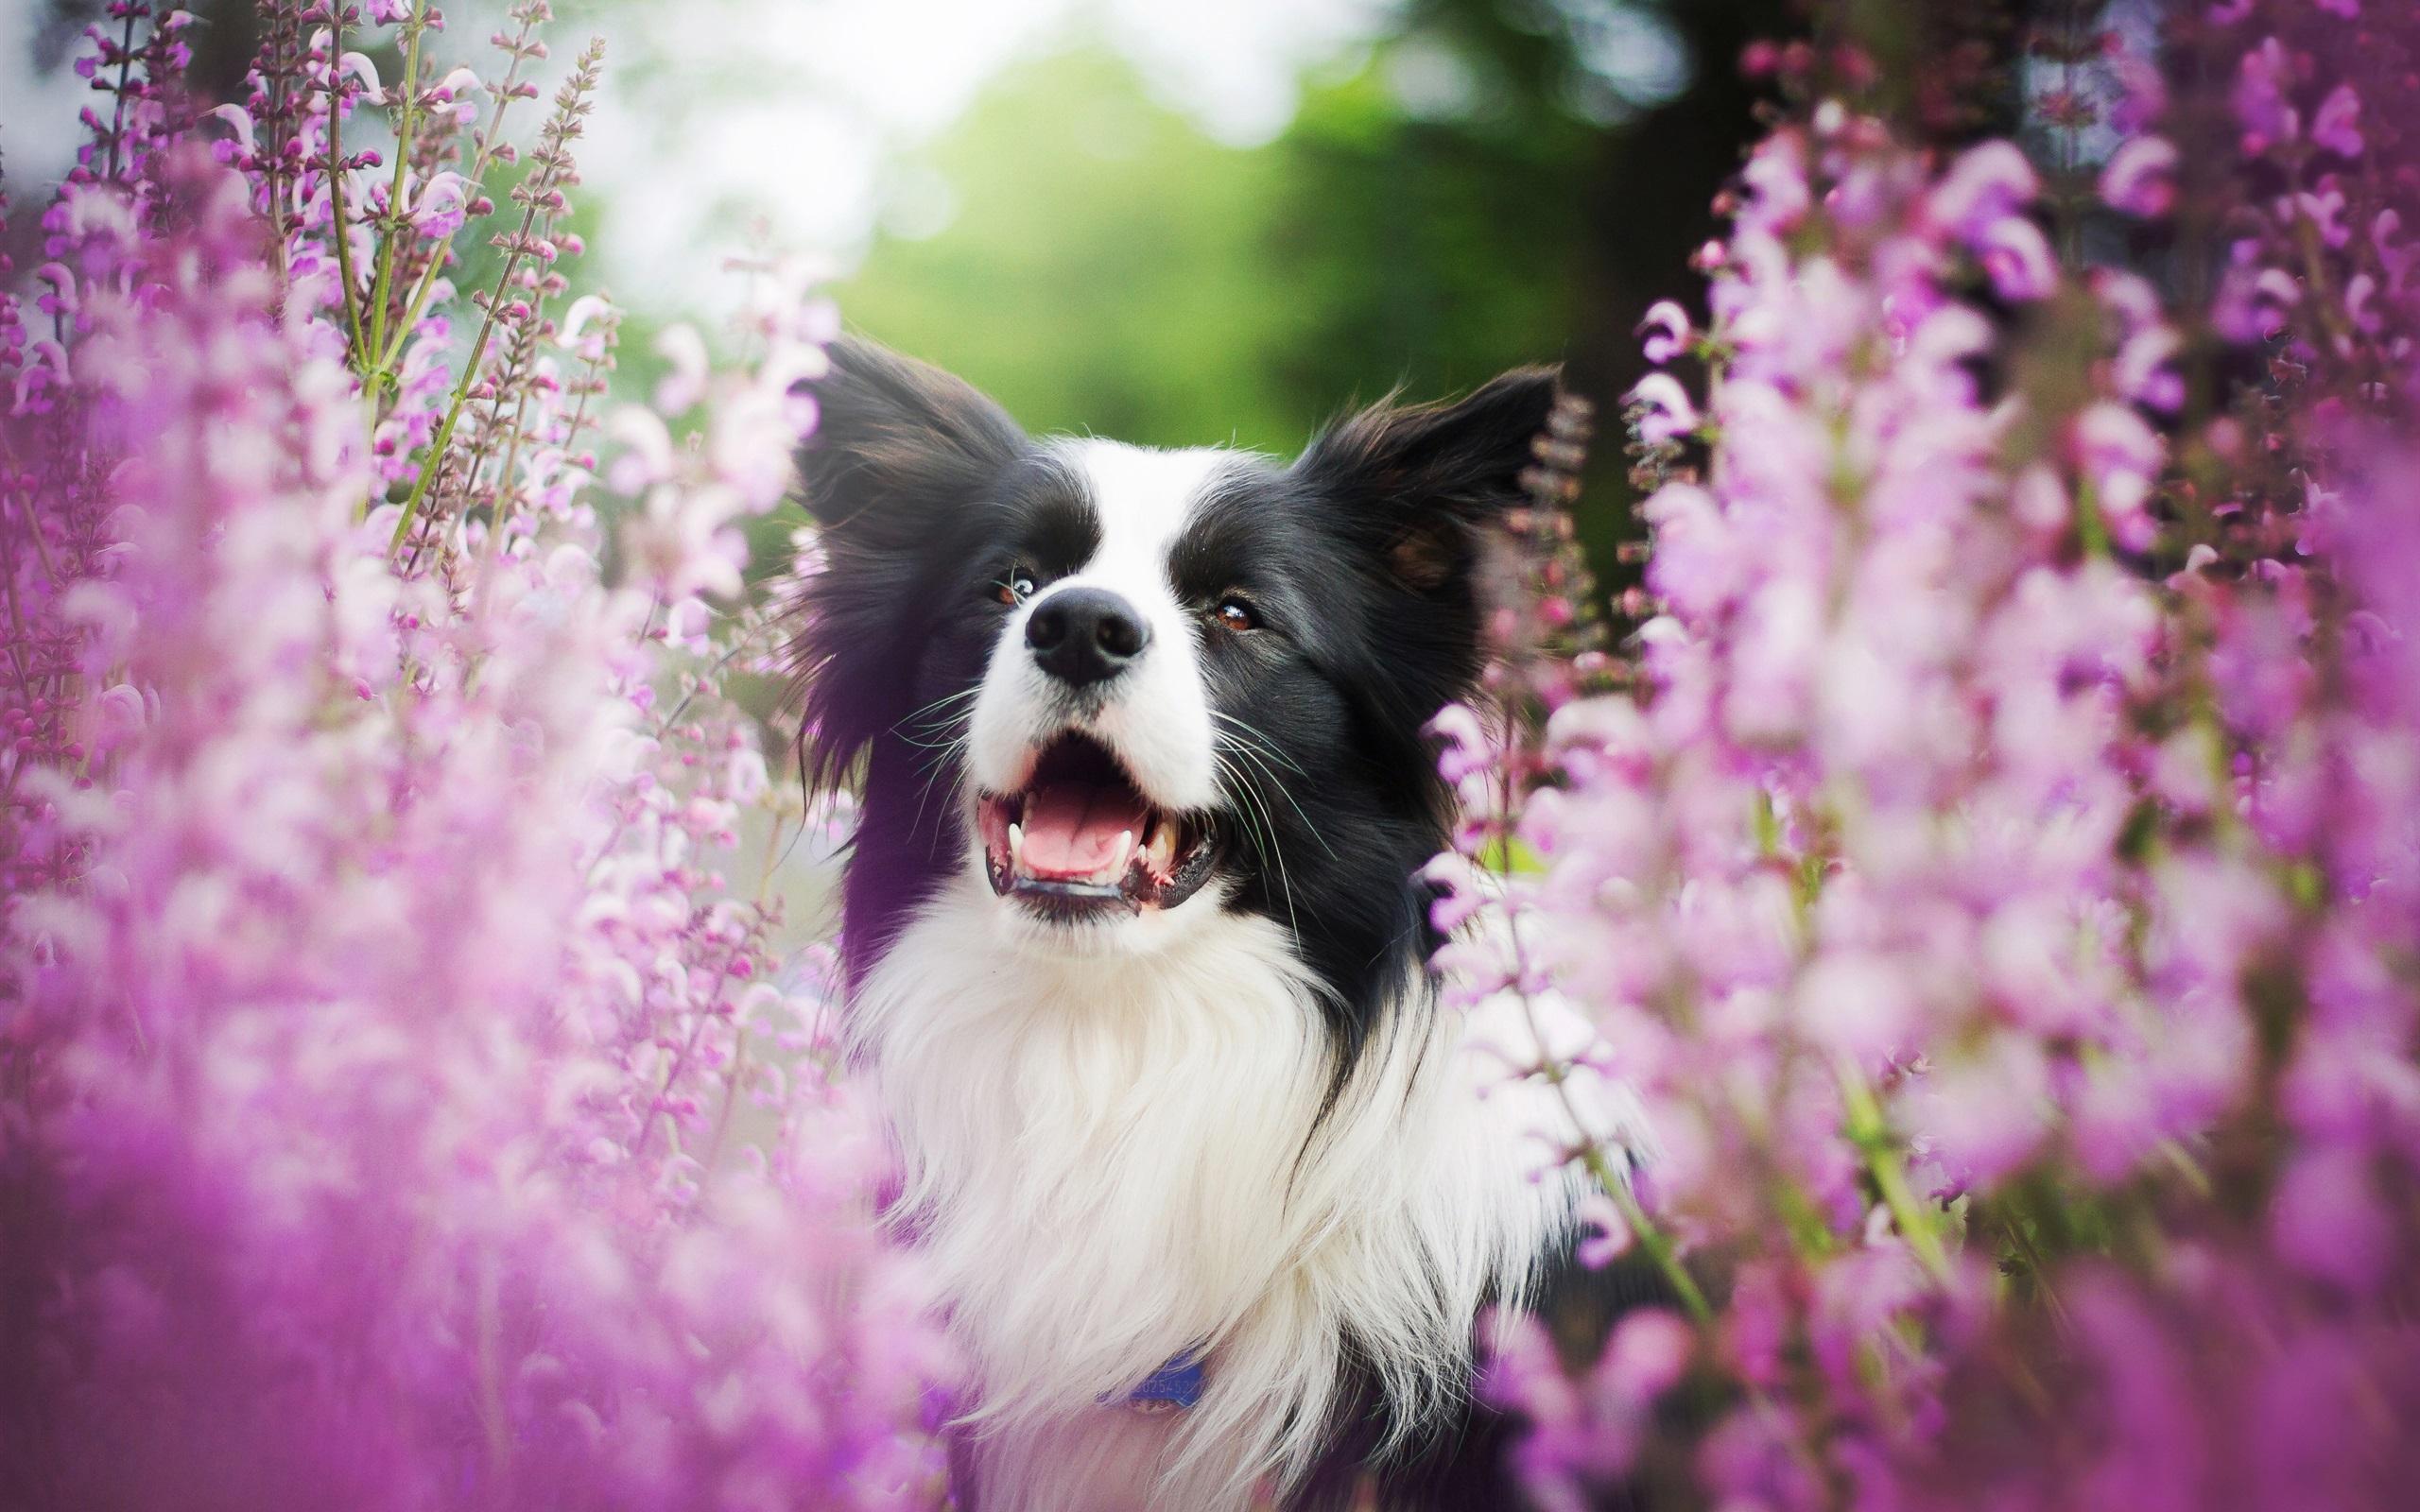 色女和公狗�9��yl#�+_狗和粉红色的花朵,模糊 壁纸 - 2560x1600